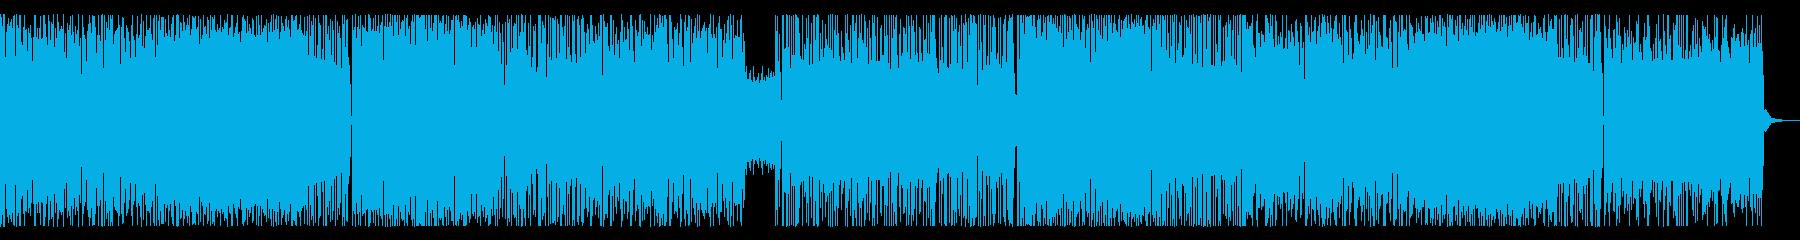 El Diabloの再生済みの波形